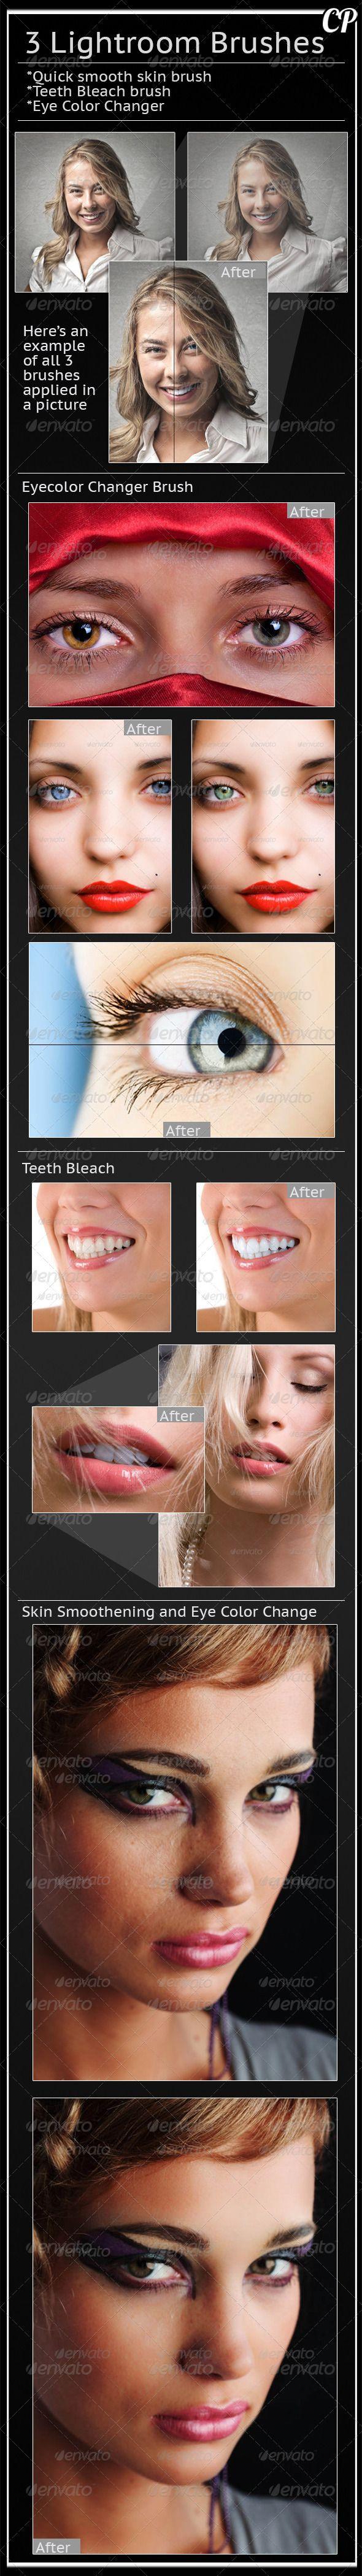 260 best photoshophacks images on pinterest photo editing face enhancement brushes for lightroom baditri Choice Image